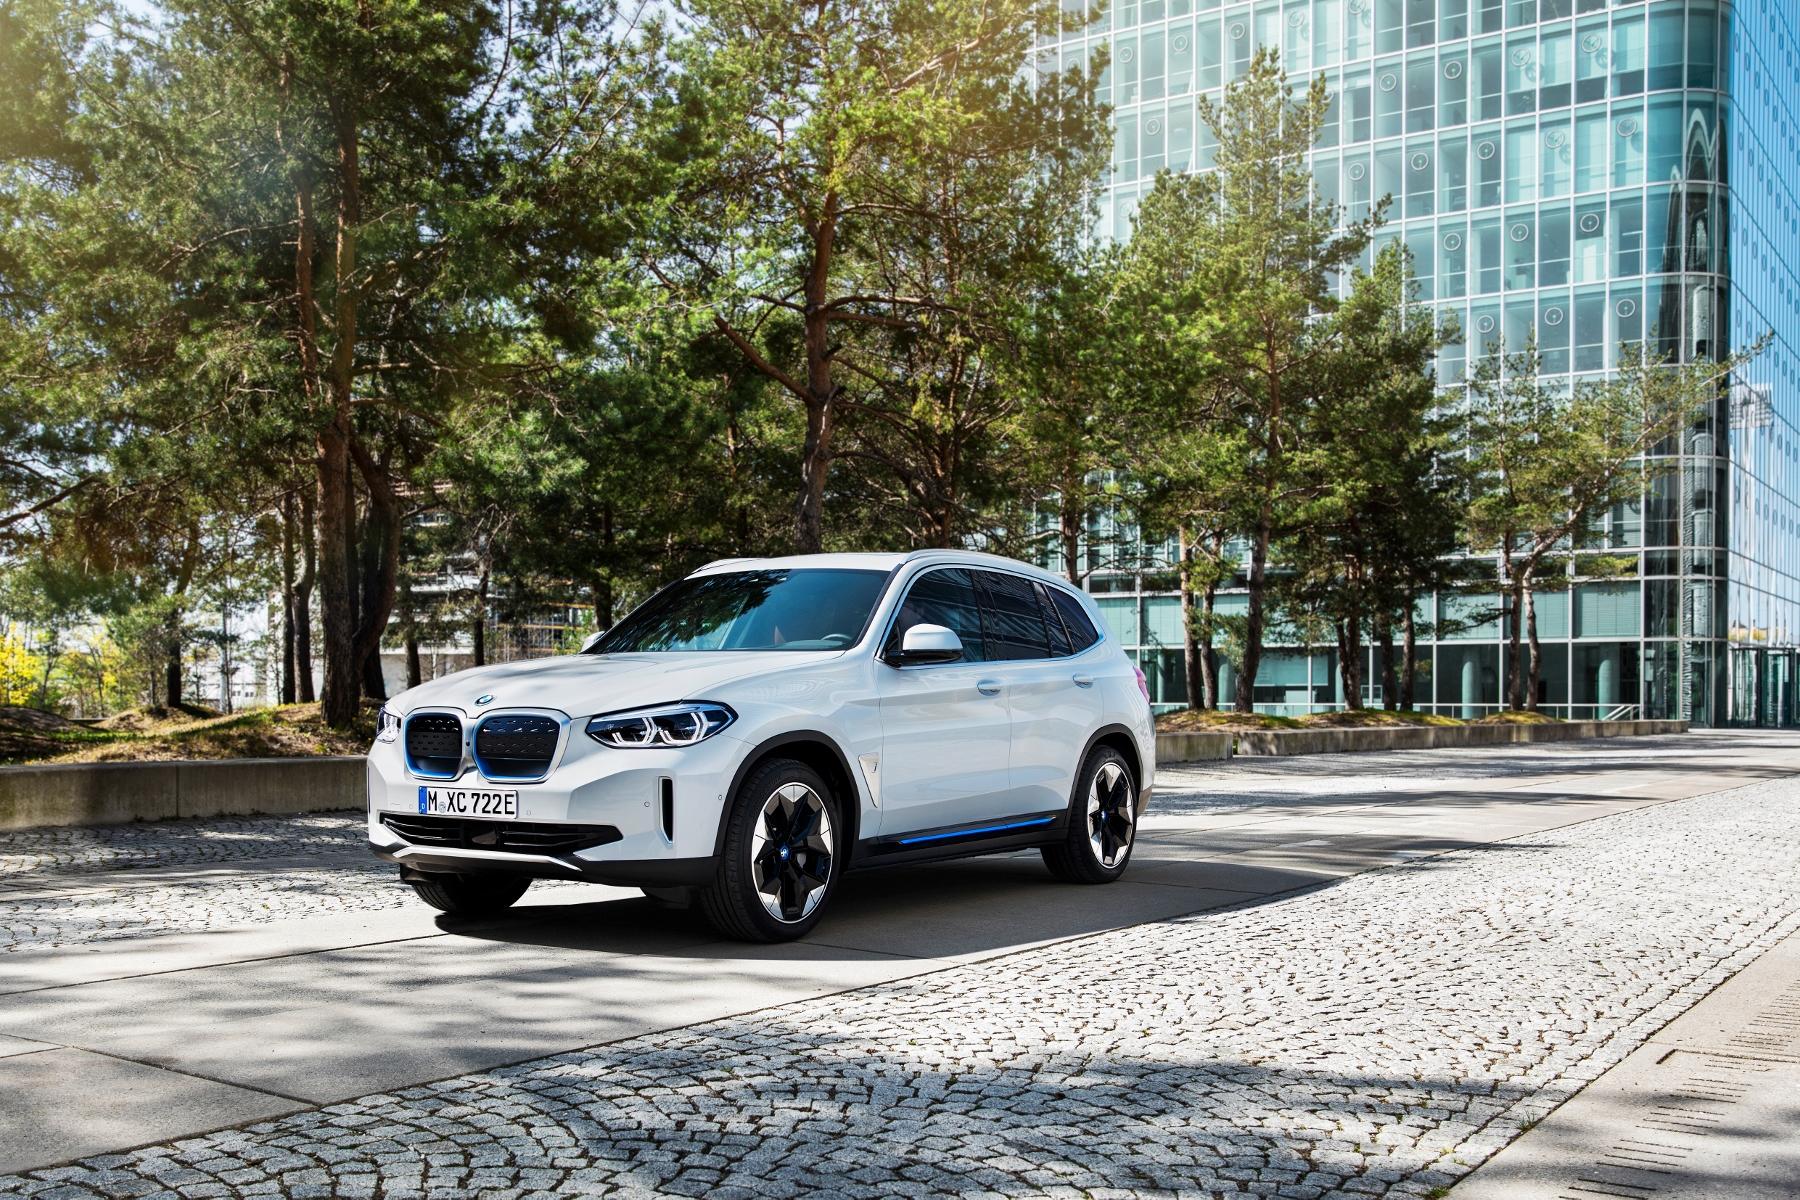 BMW ukázalo elektrické SUV iX3 s dojazdom 459 km 6Mo3dLc47o bmw-ix3-1